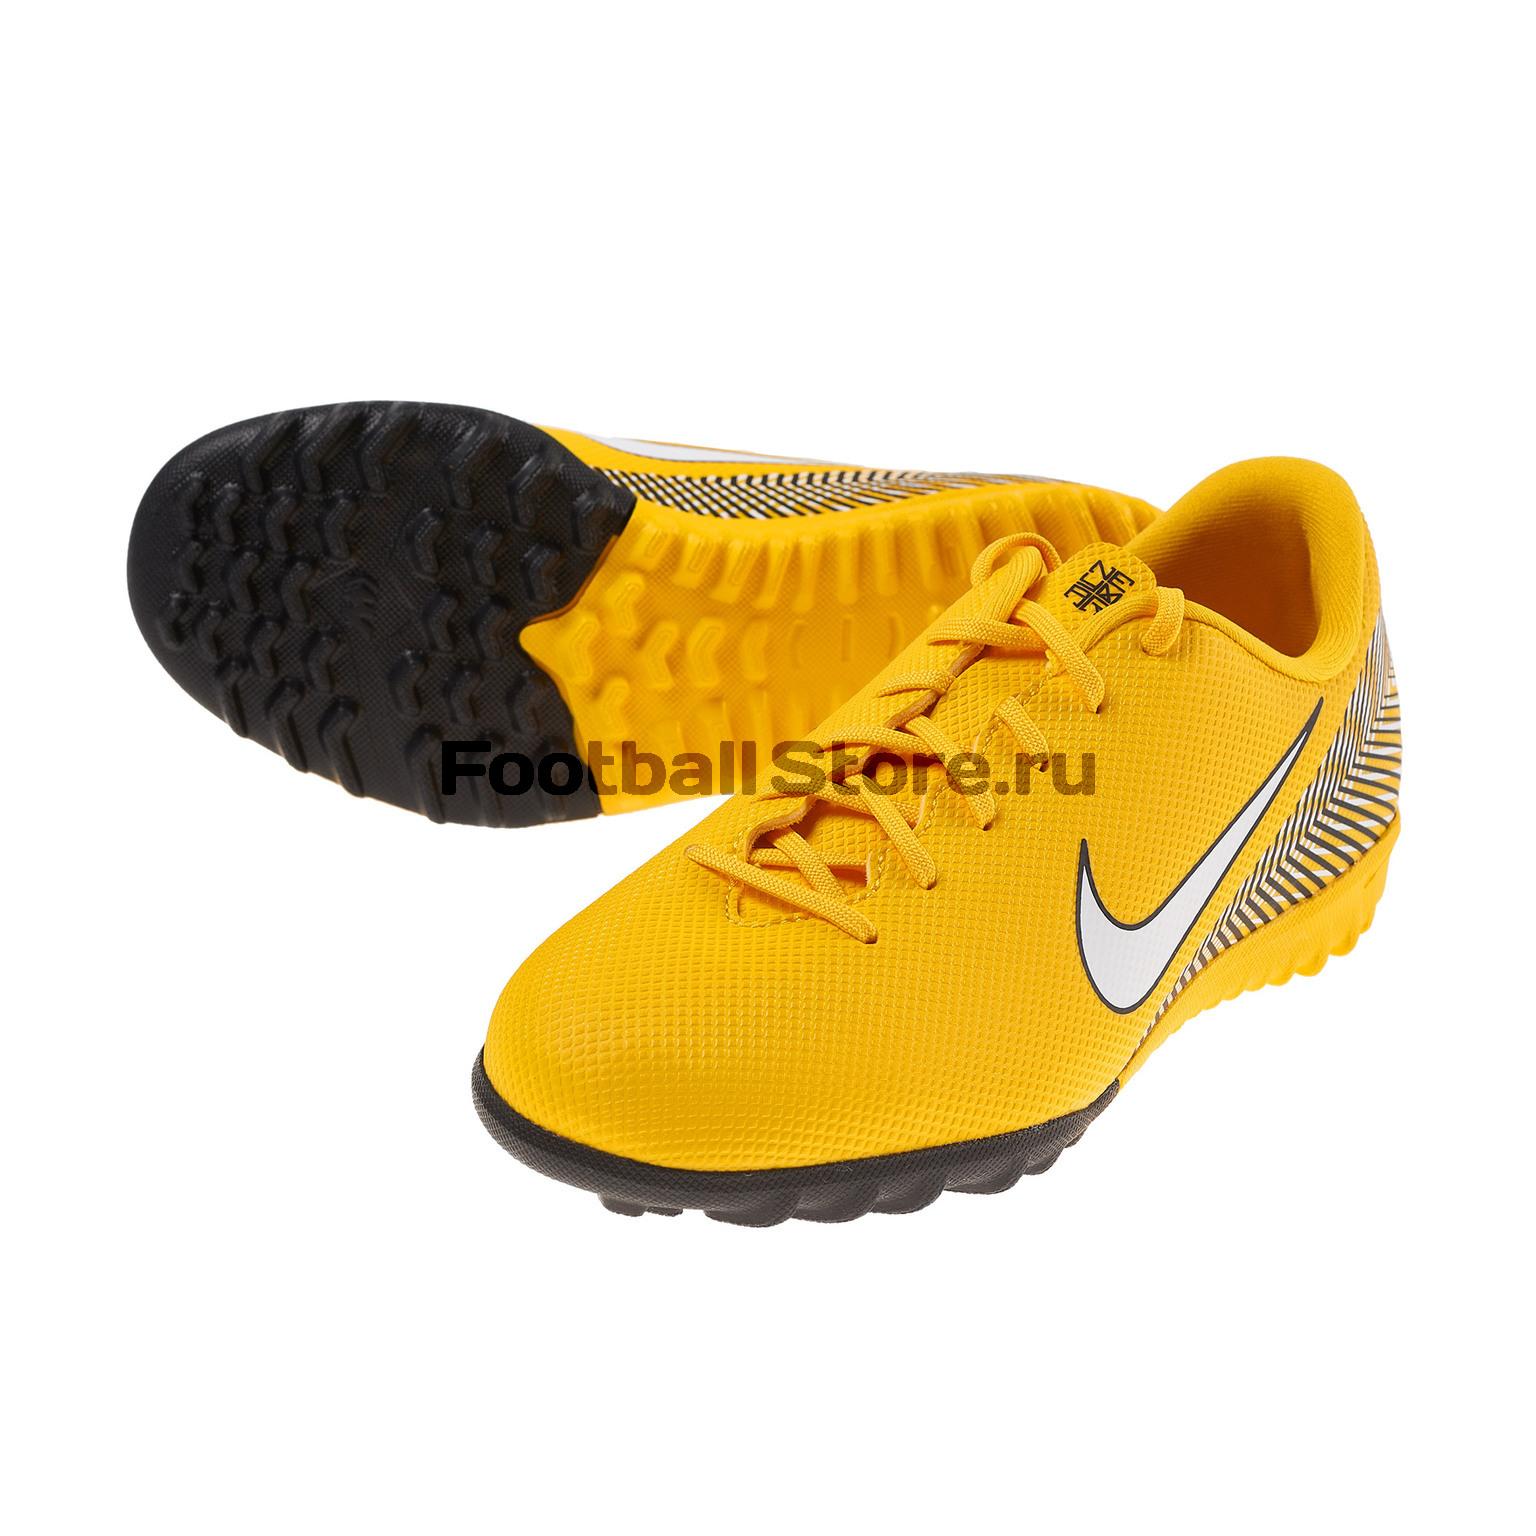 Шиповки детские Nike Vapor 12 Academy Neymar TF AO9476-710